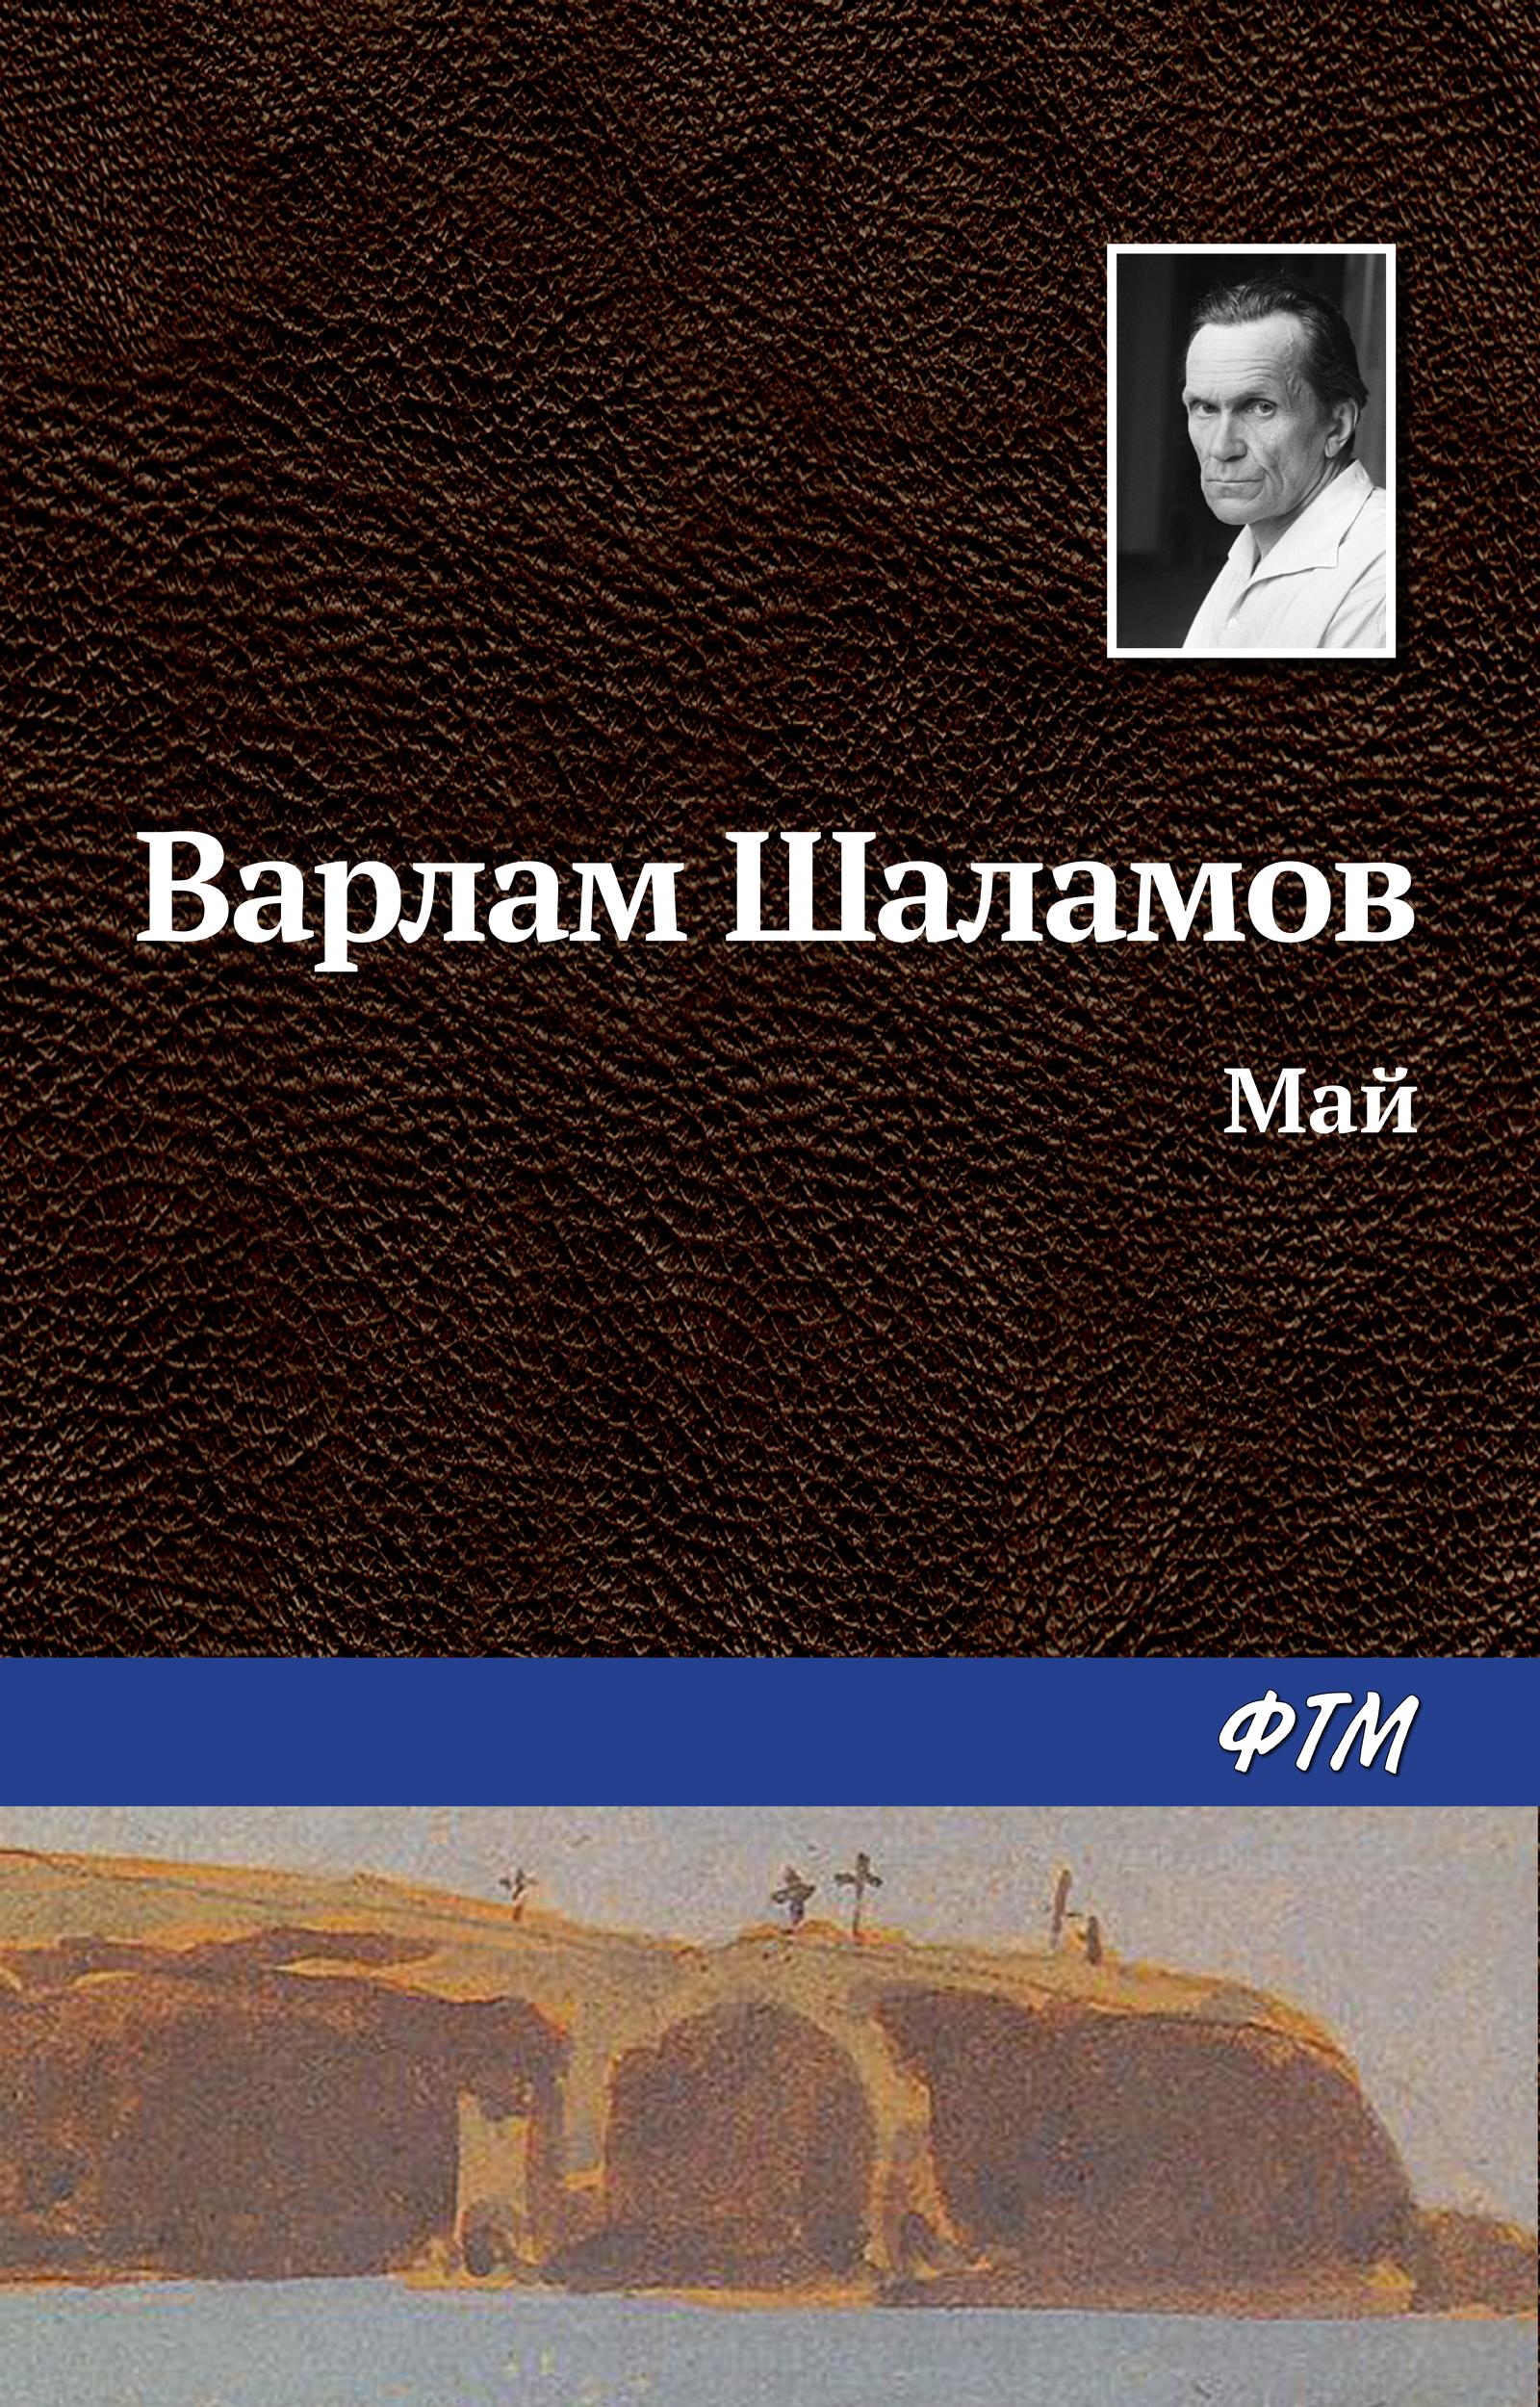 Варлам Шаламов Май сотников в ключи от поля чудес